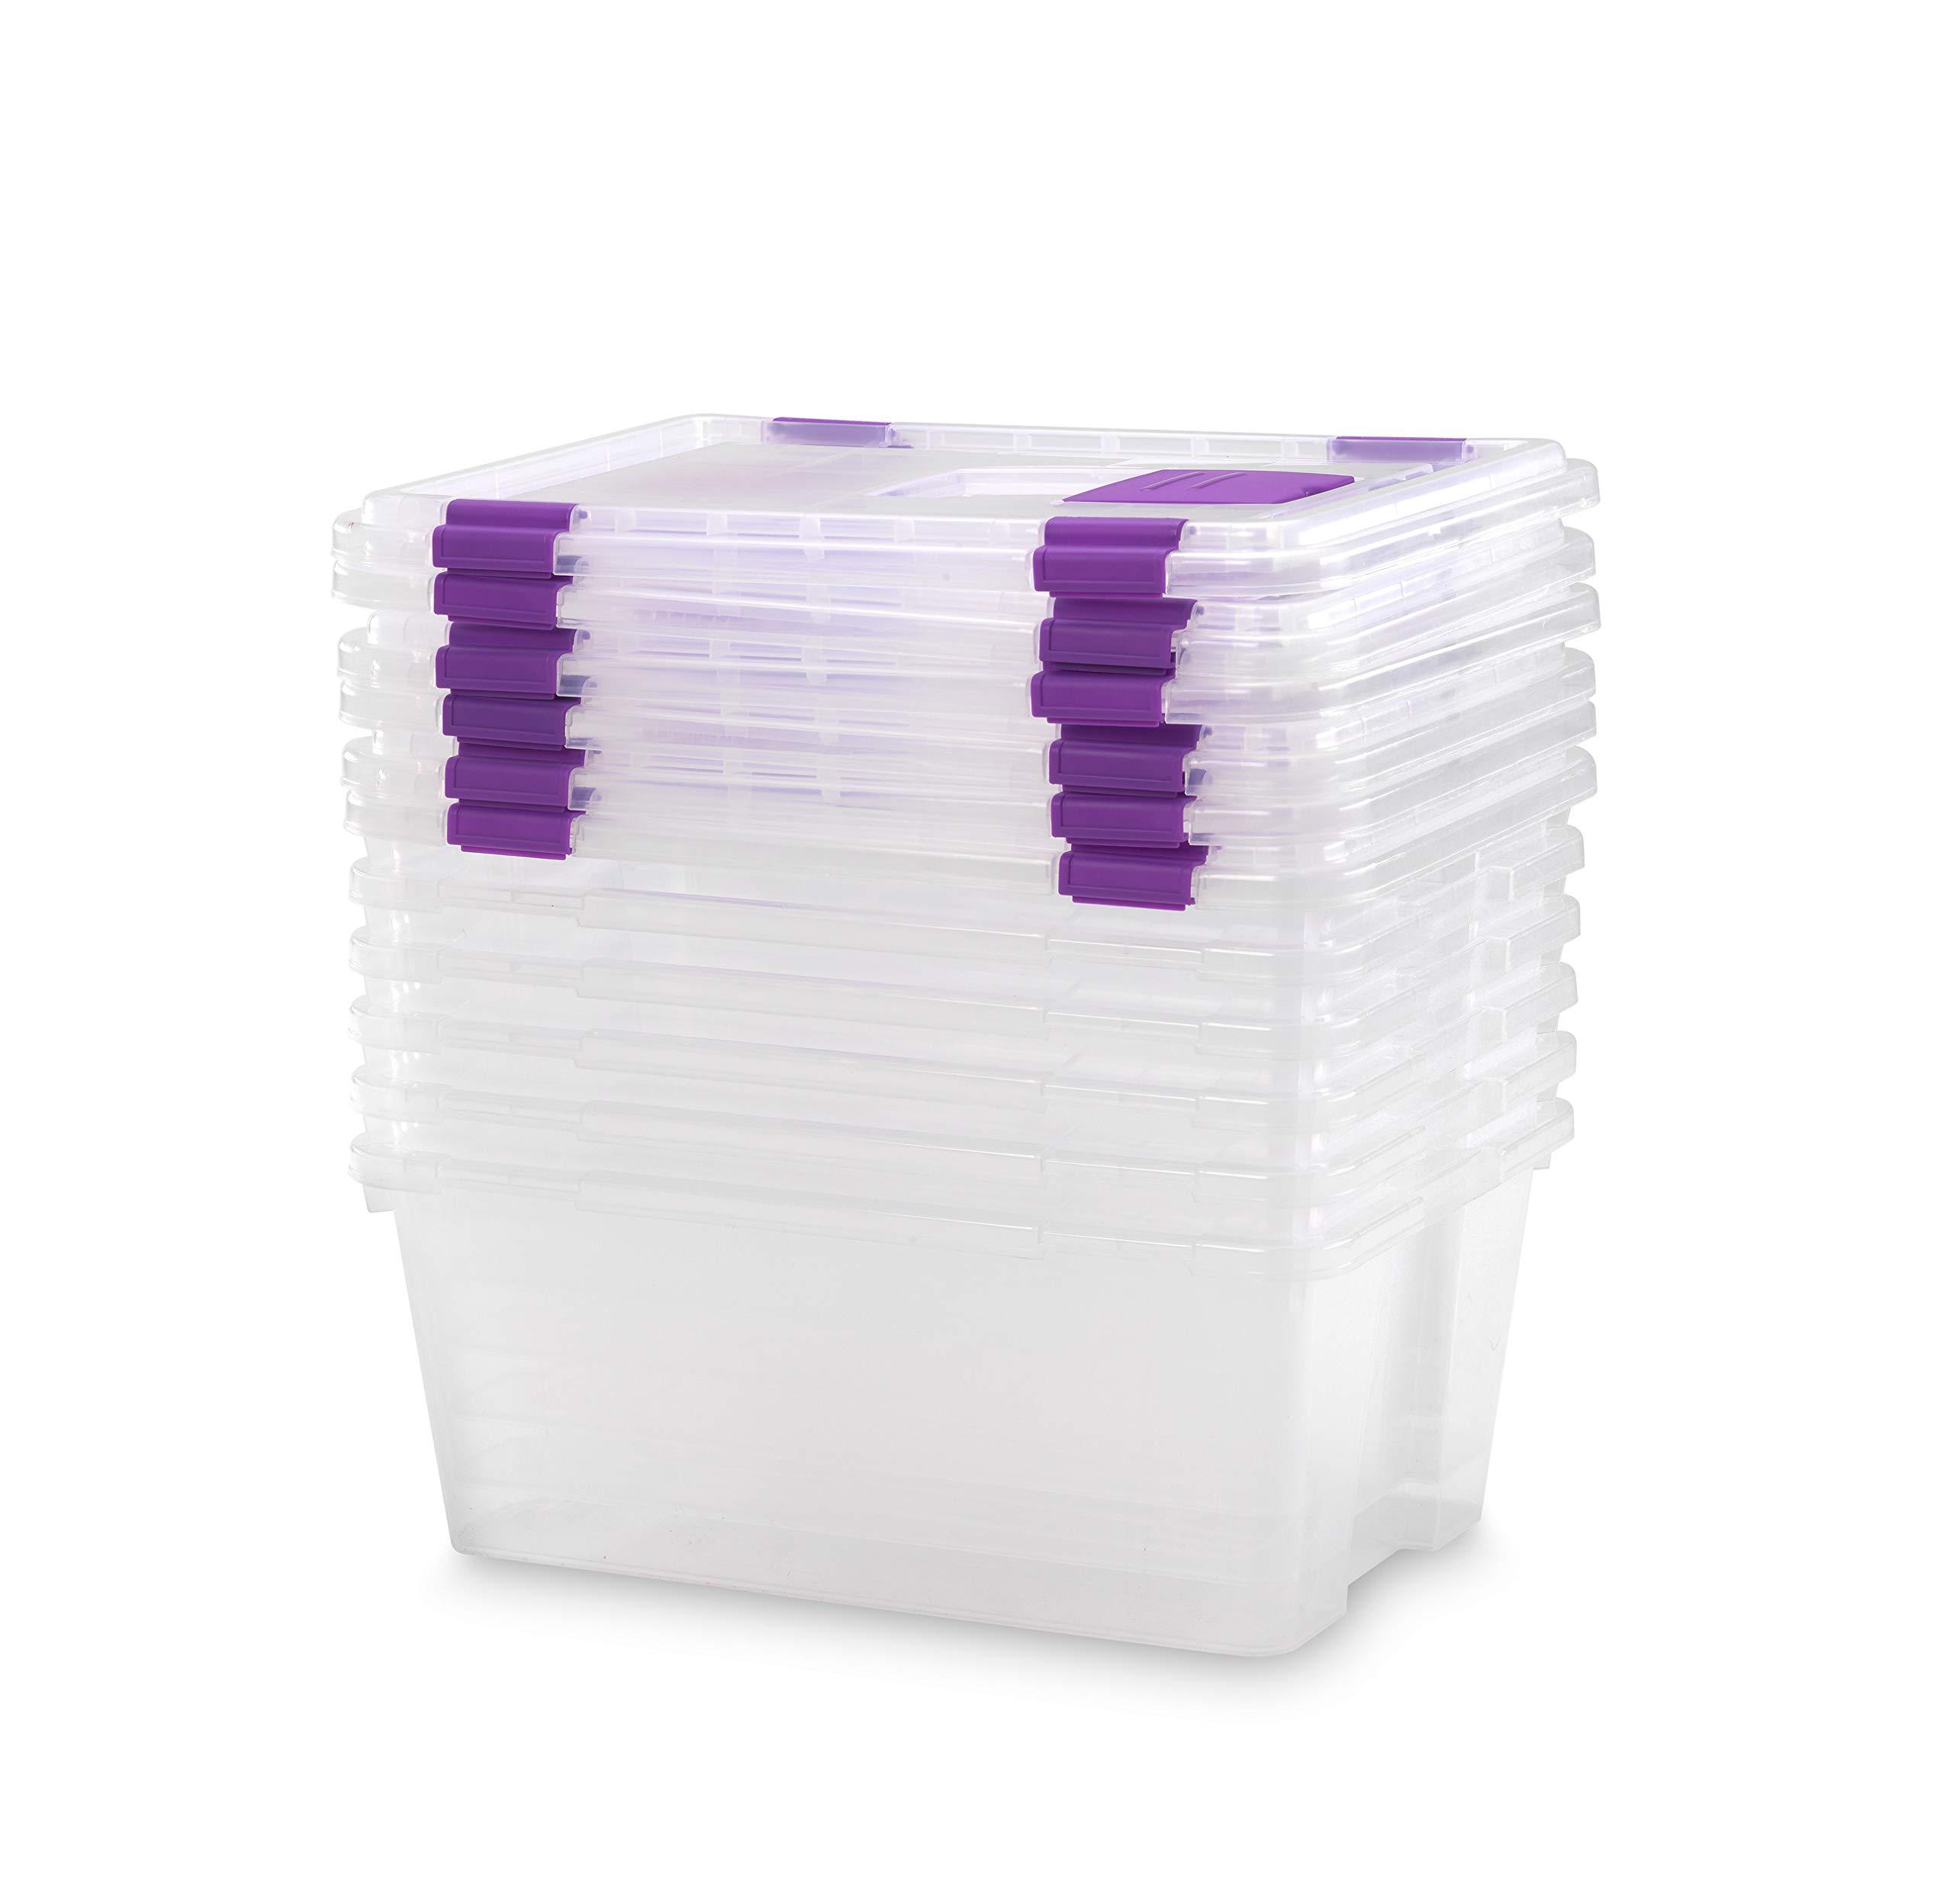 TODO HOGAR - Caja Plástico Almacenaje Transparente - Medidas 470 x 320 x 195 mm - Capacidad de 20 litros (6): Amazon.es: Hogar